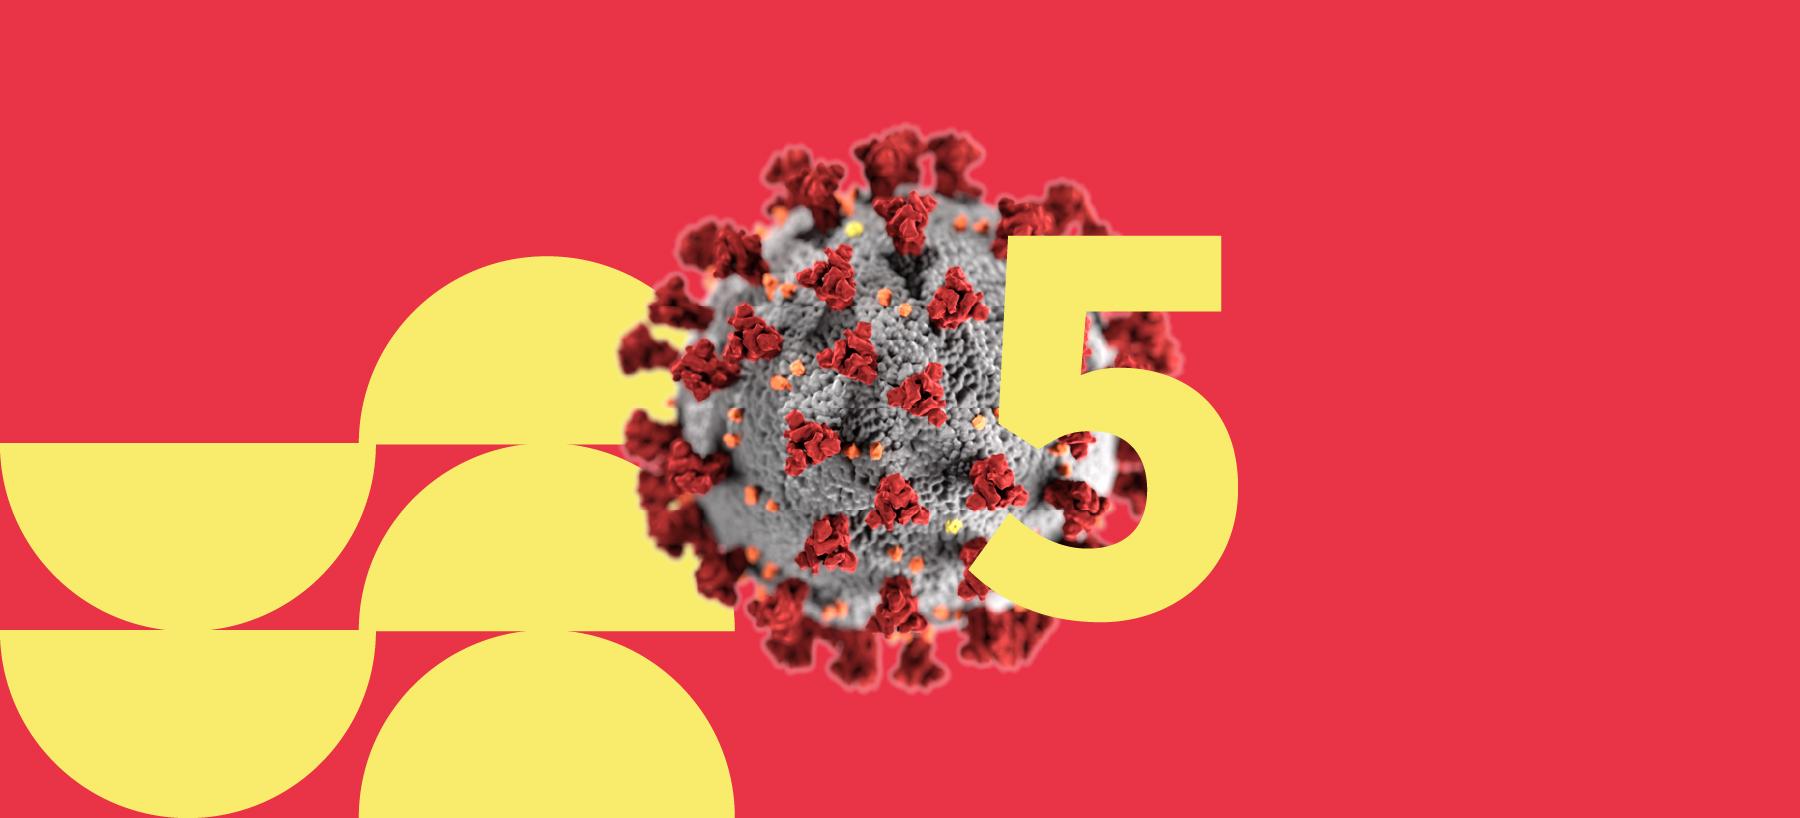 코로나 시대, 주목해야하는 인플루언서의 5가지 특징